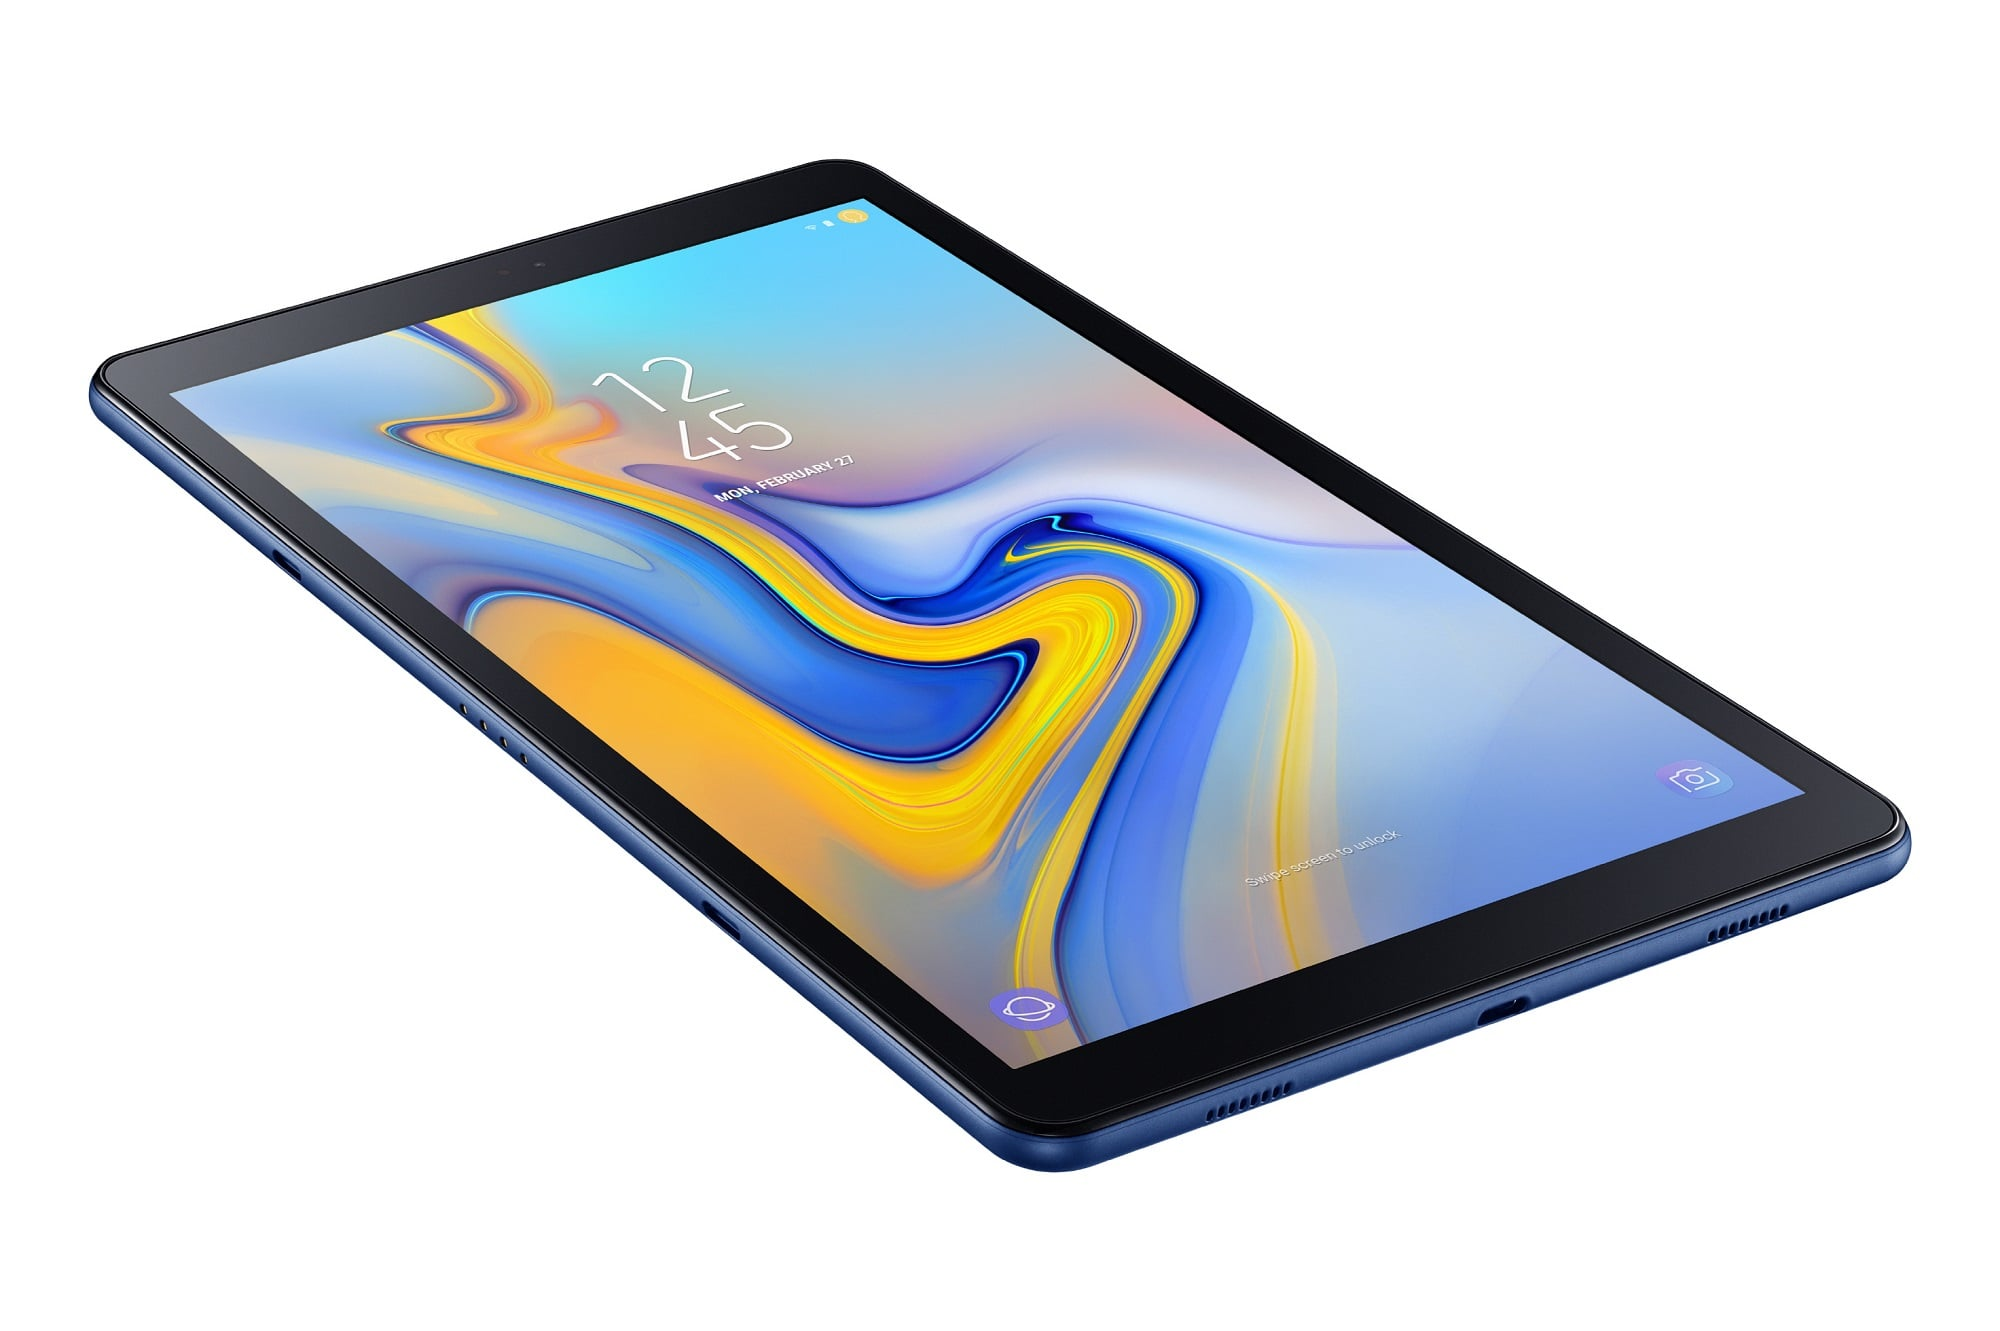 Tabletowo.pl Tablety jeszcze nie wyginęły. Samsung przygotowuje nowe tanie urządzenie Plotki / Przecieki Samsung Tablety